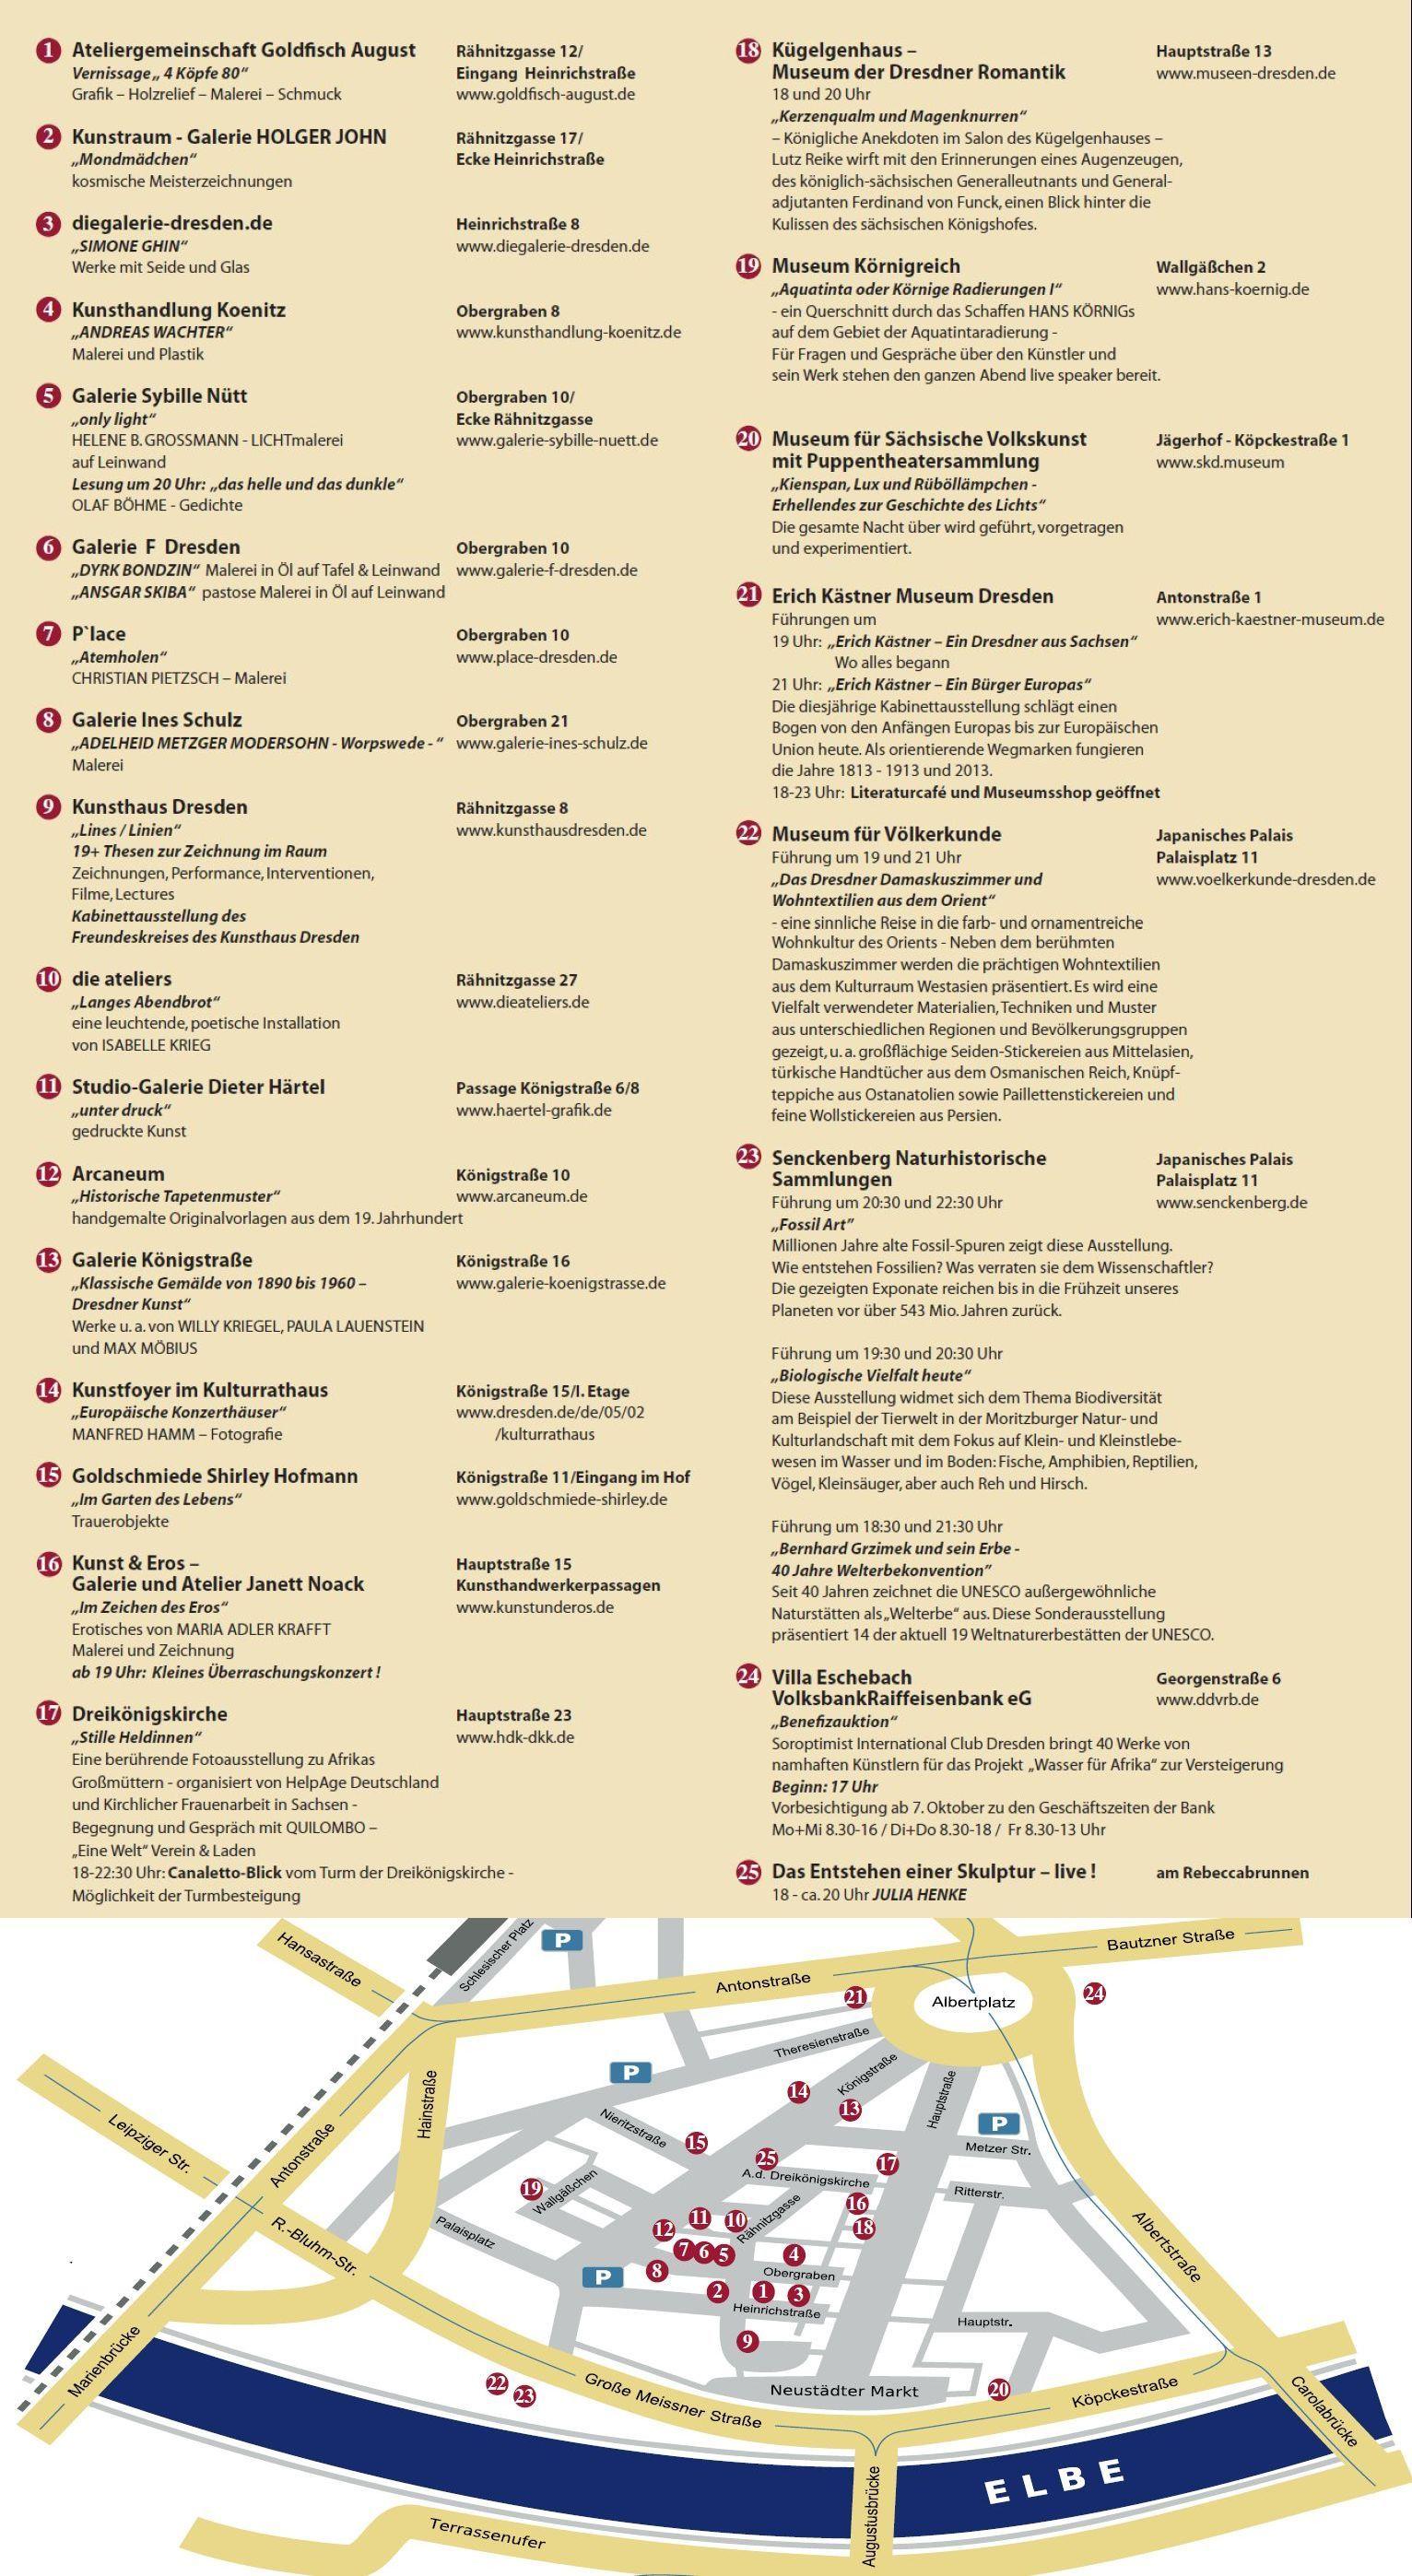 Programm Und Location Zur Langen Nacht Der Galerien Und Museen Im Barockviertel Dresden Kubanight Www Kunstindresden De 11 10 2013 Dresden Museum Skulpturen